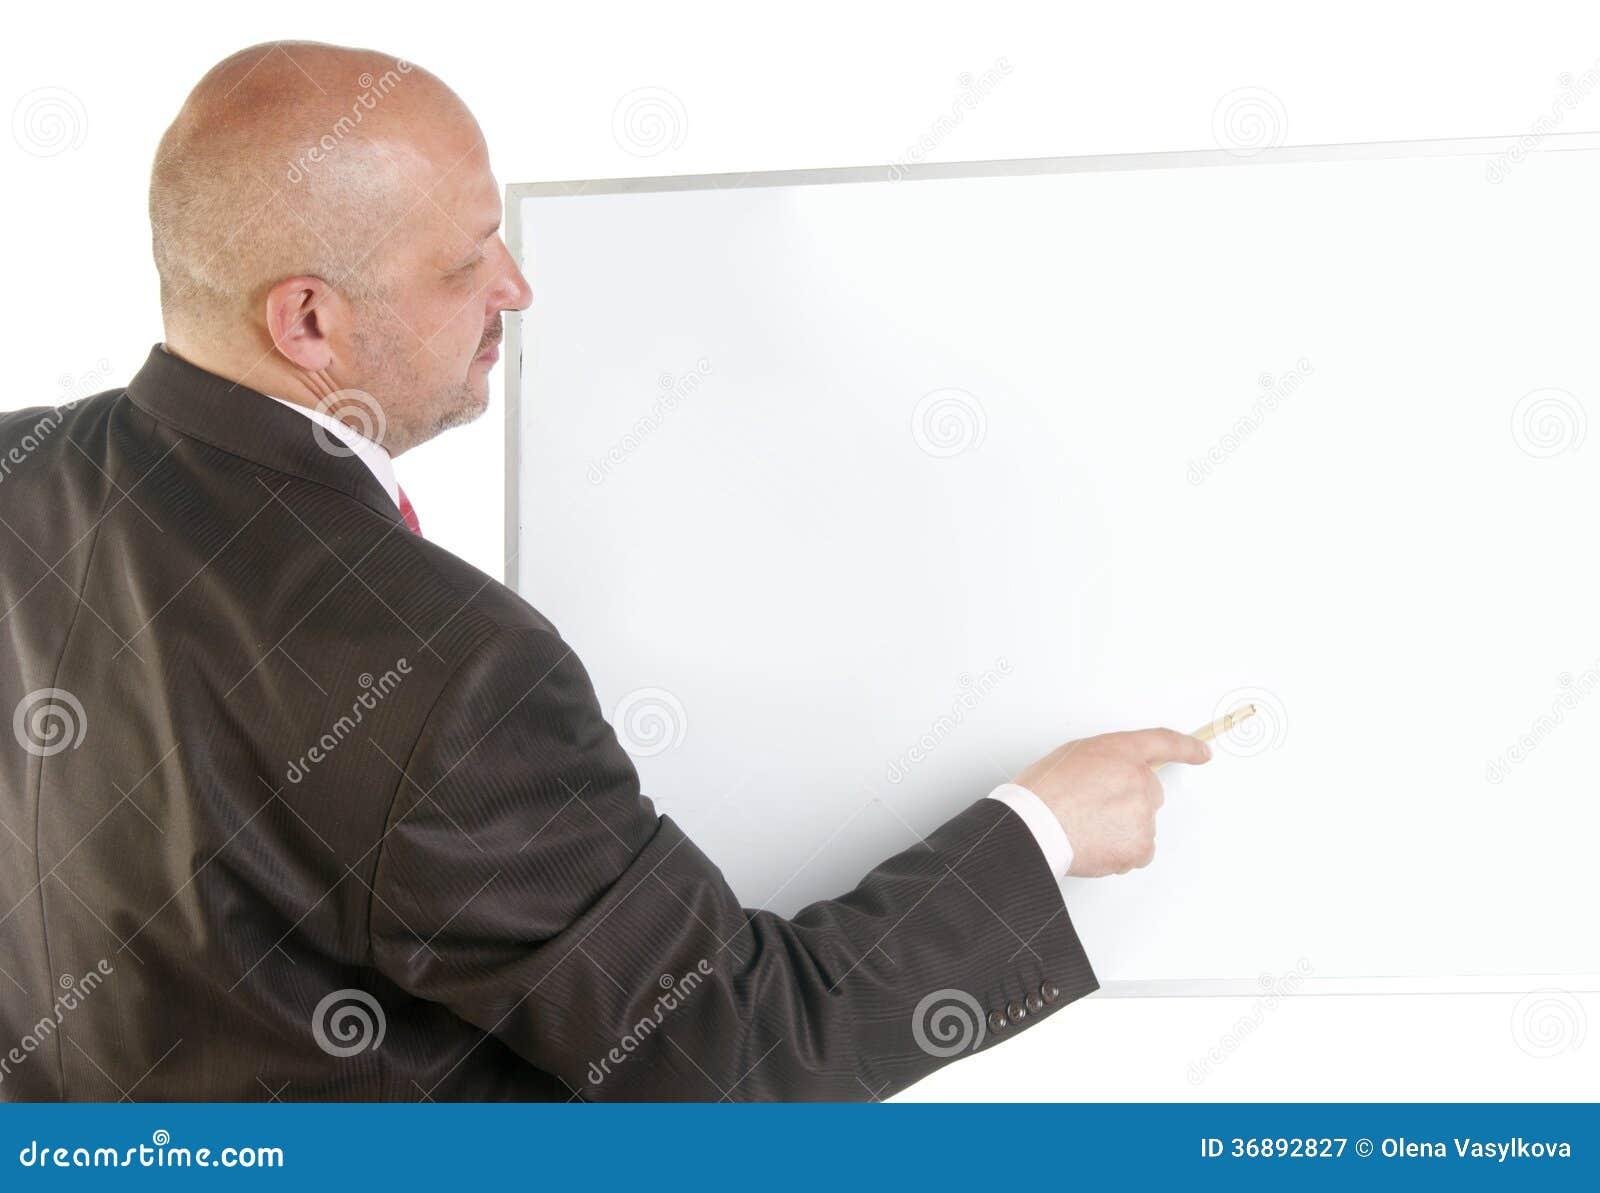 Download Uomo D'affari Che Mostra Insegna In Bianco. Immagine Stock - Immagine di taglio, esecutivo: 36892827